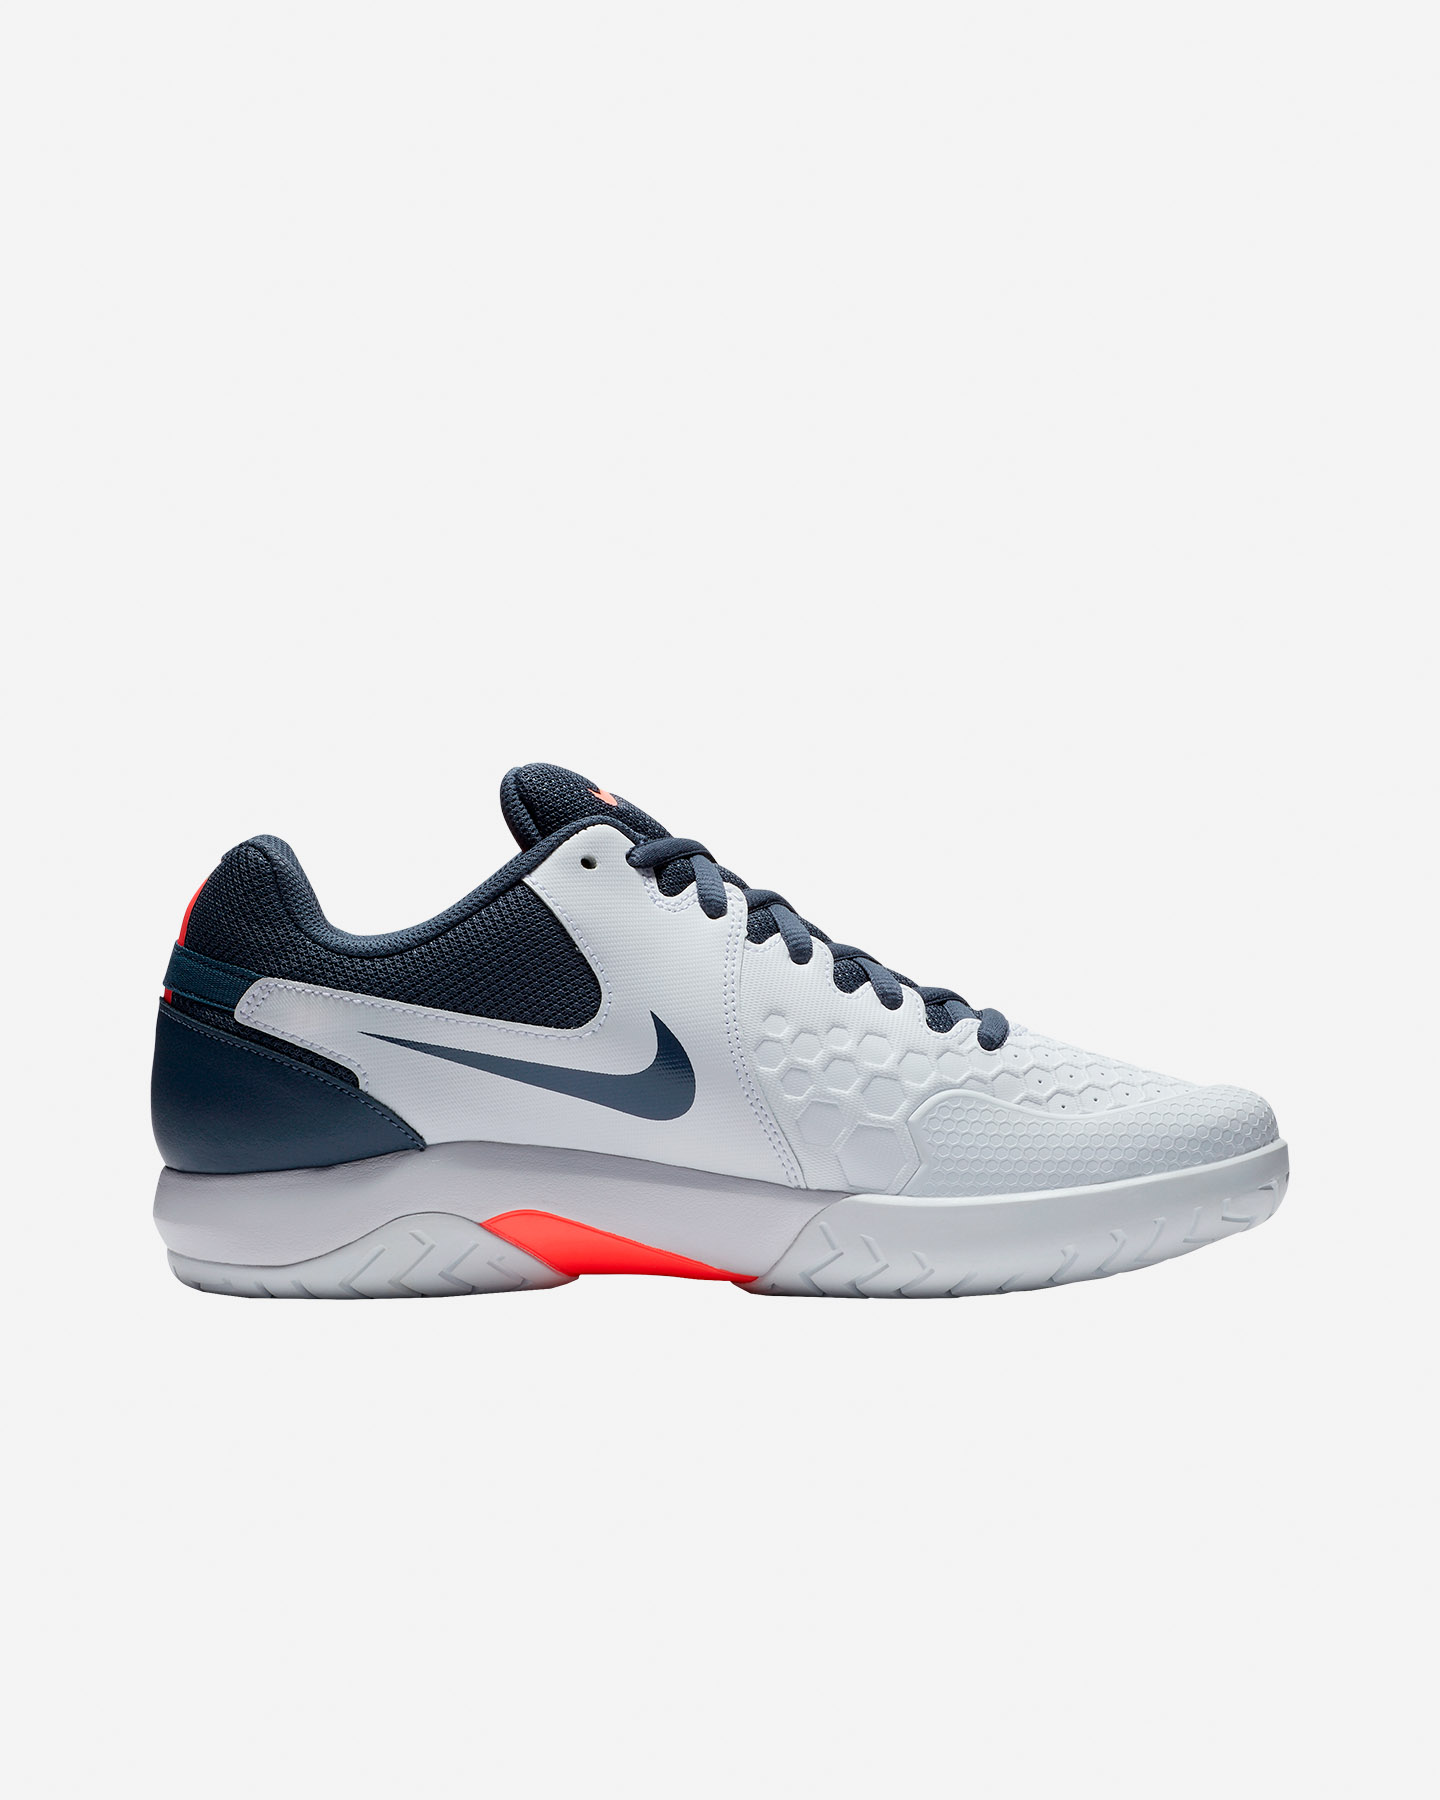 Scarpe Tennis NIKE AIR ZOOM RESISTANCE 918194 001